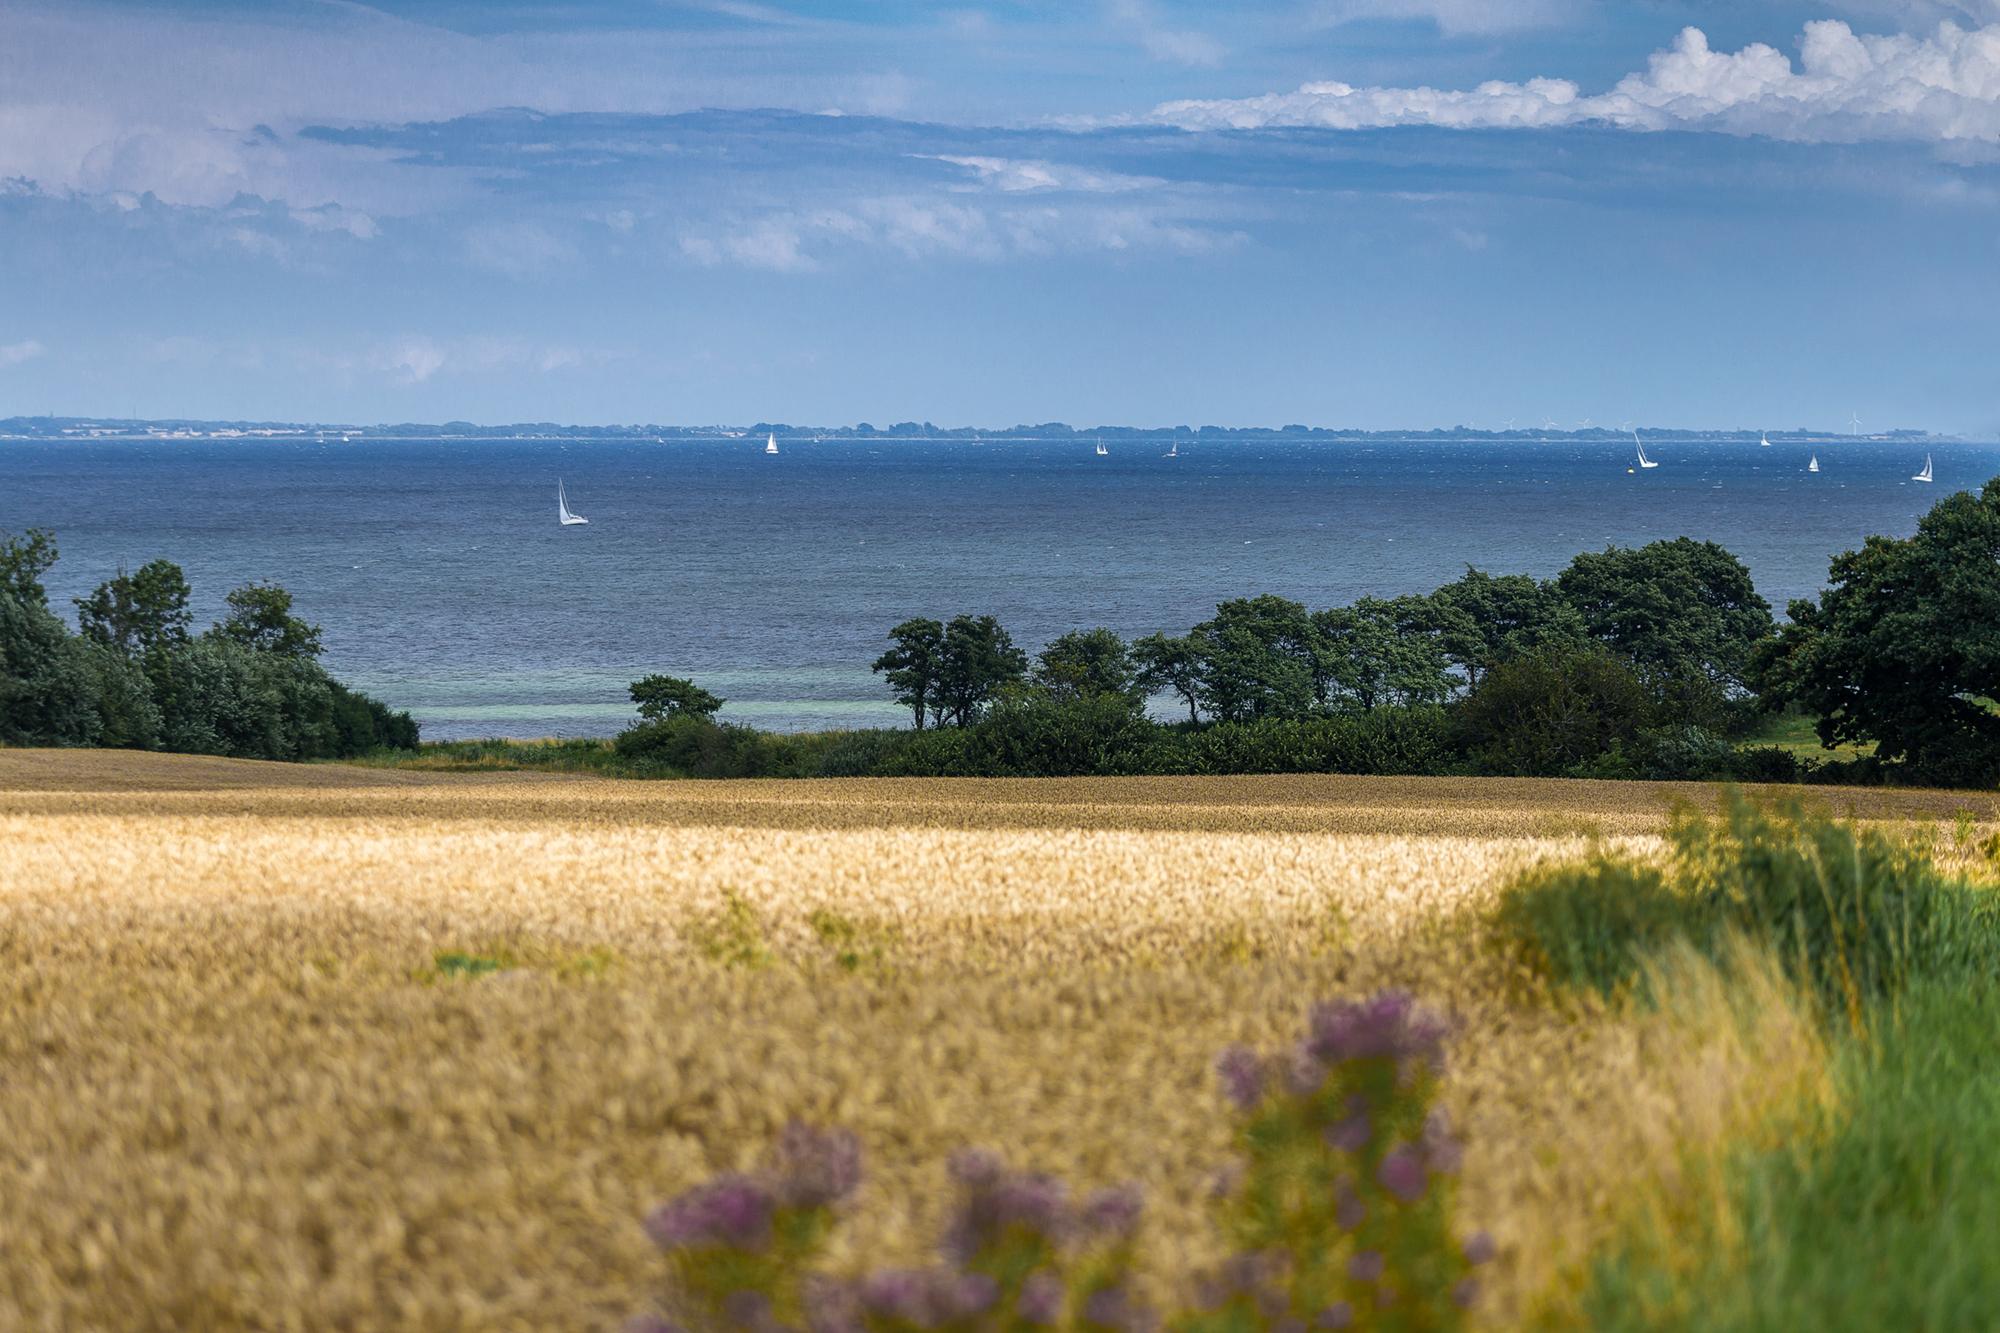 Landschaftsfoto eines Küstenabschnitts bei Westerholz, Ostsee.